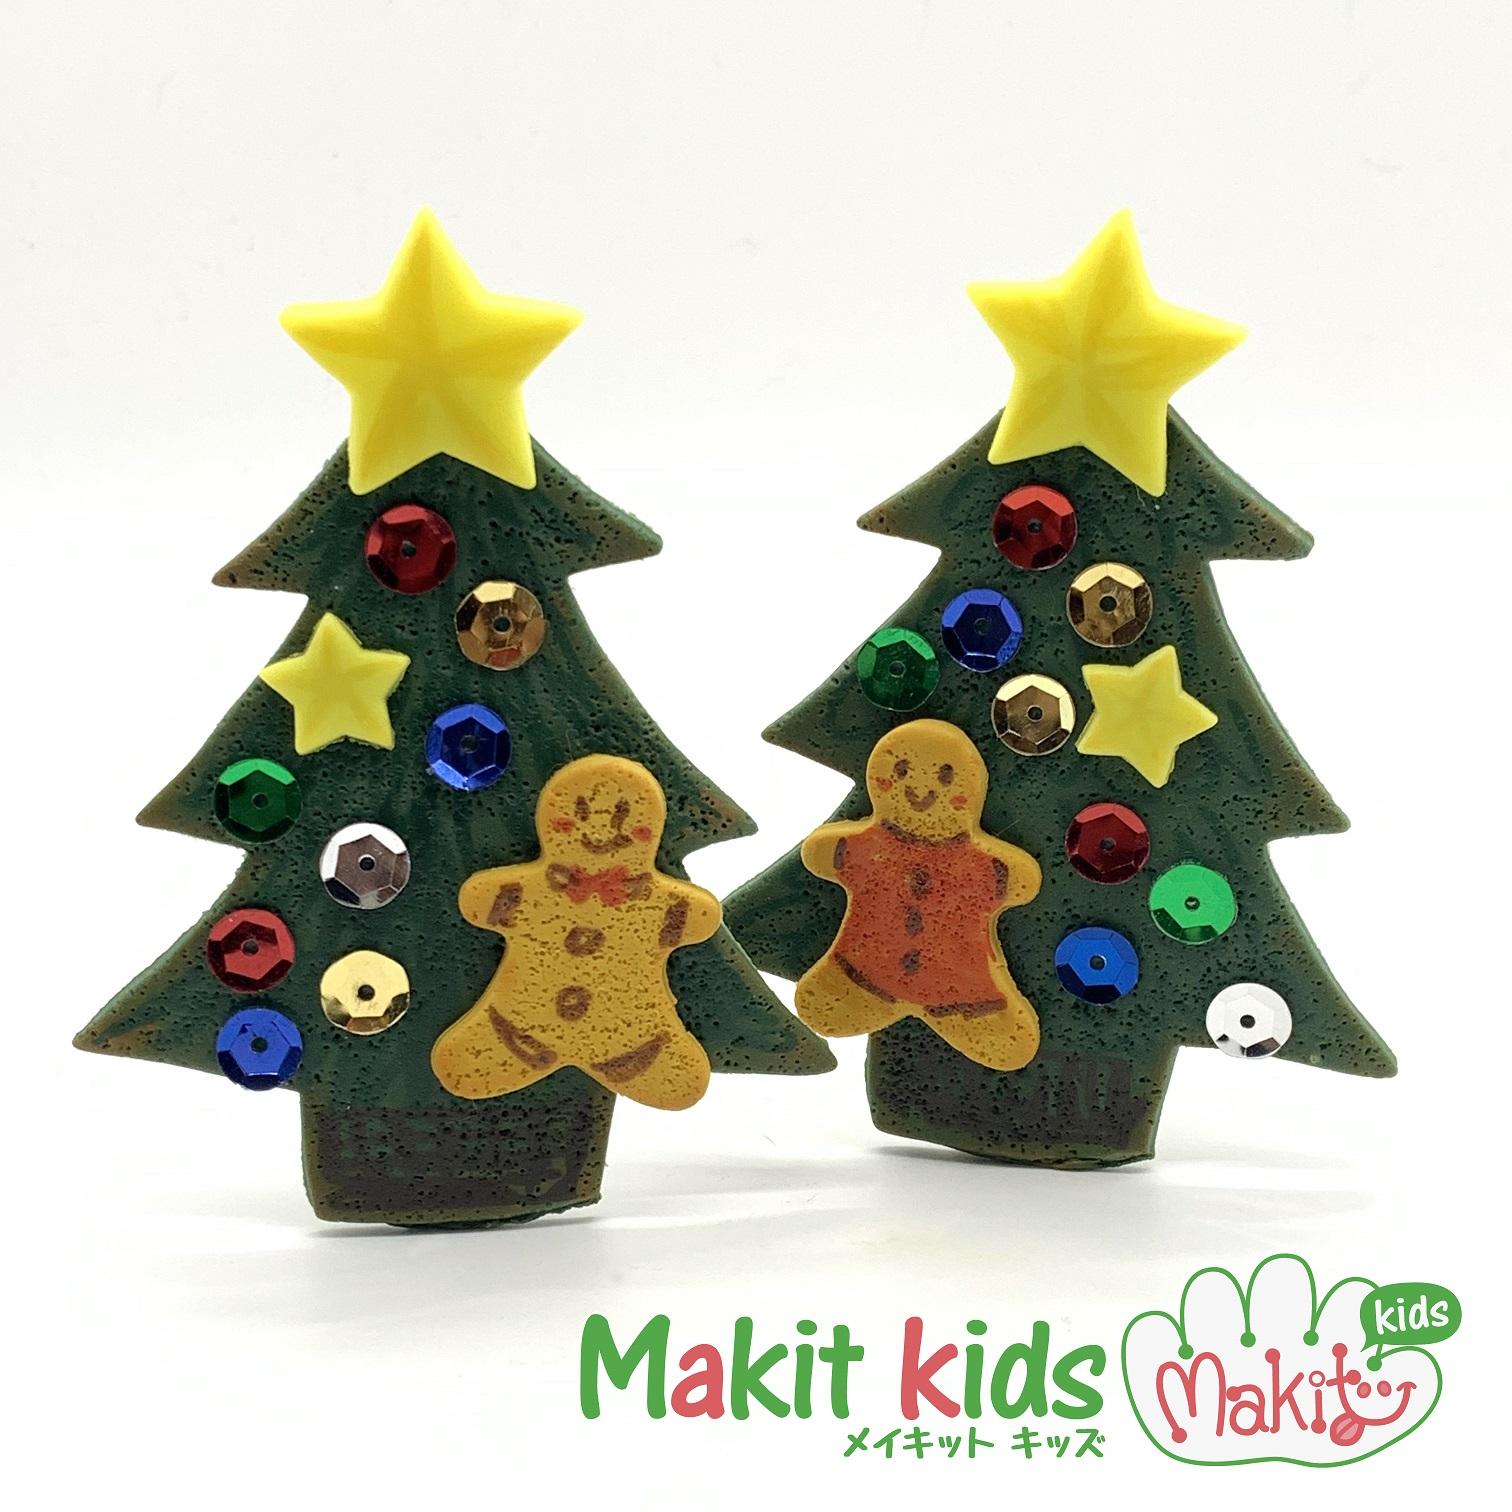 クリスマスツリークッキーメモスタンドのイメージ